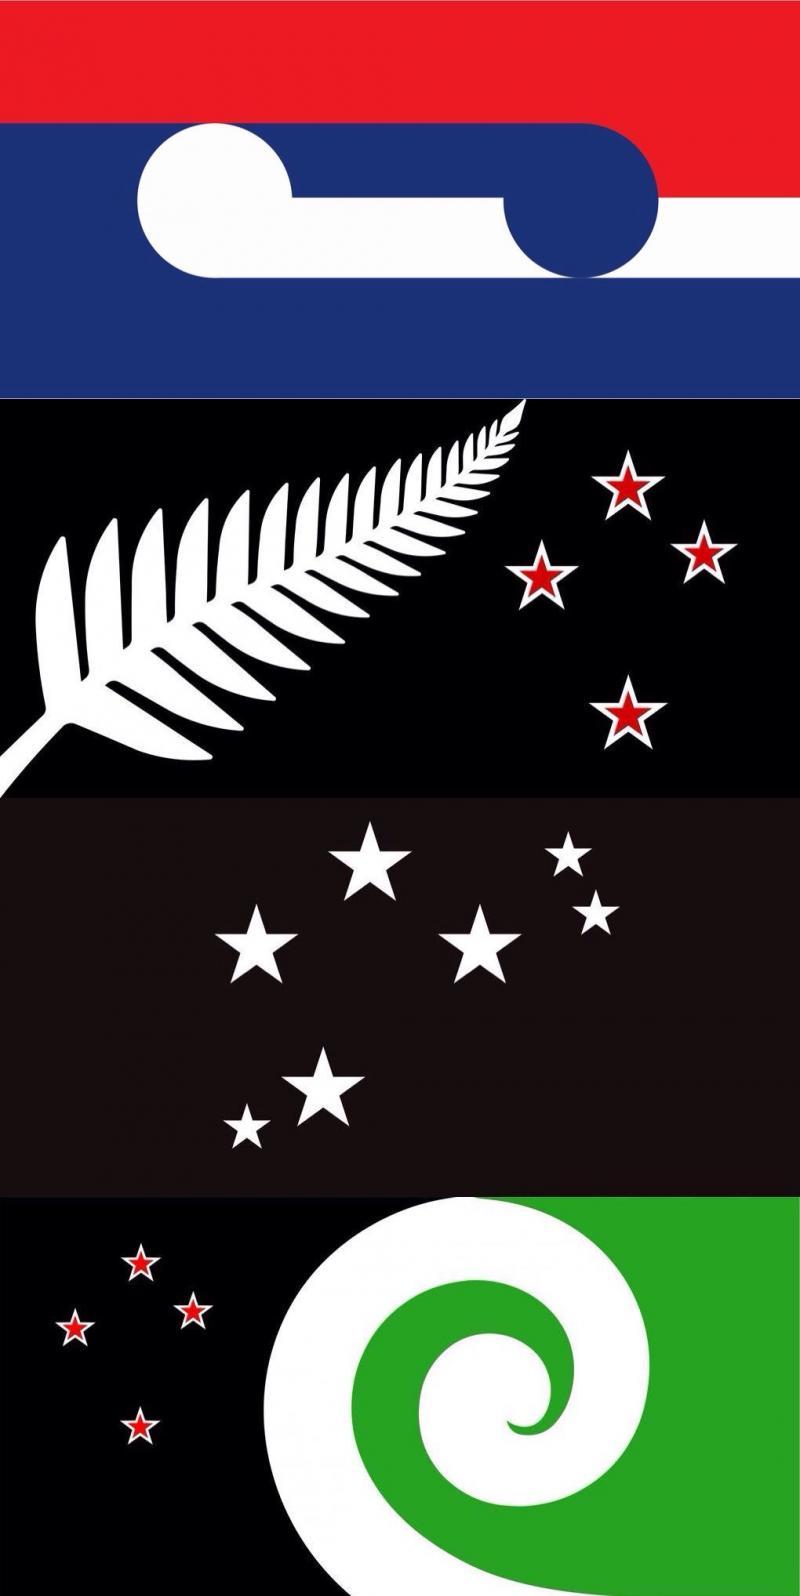 التصاميم الأربعة المقترحة لعلم #نيوزيلندا الجديد